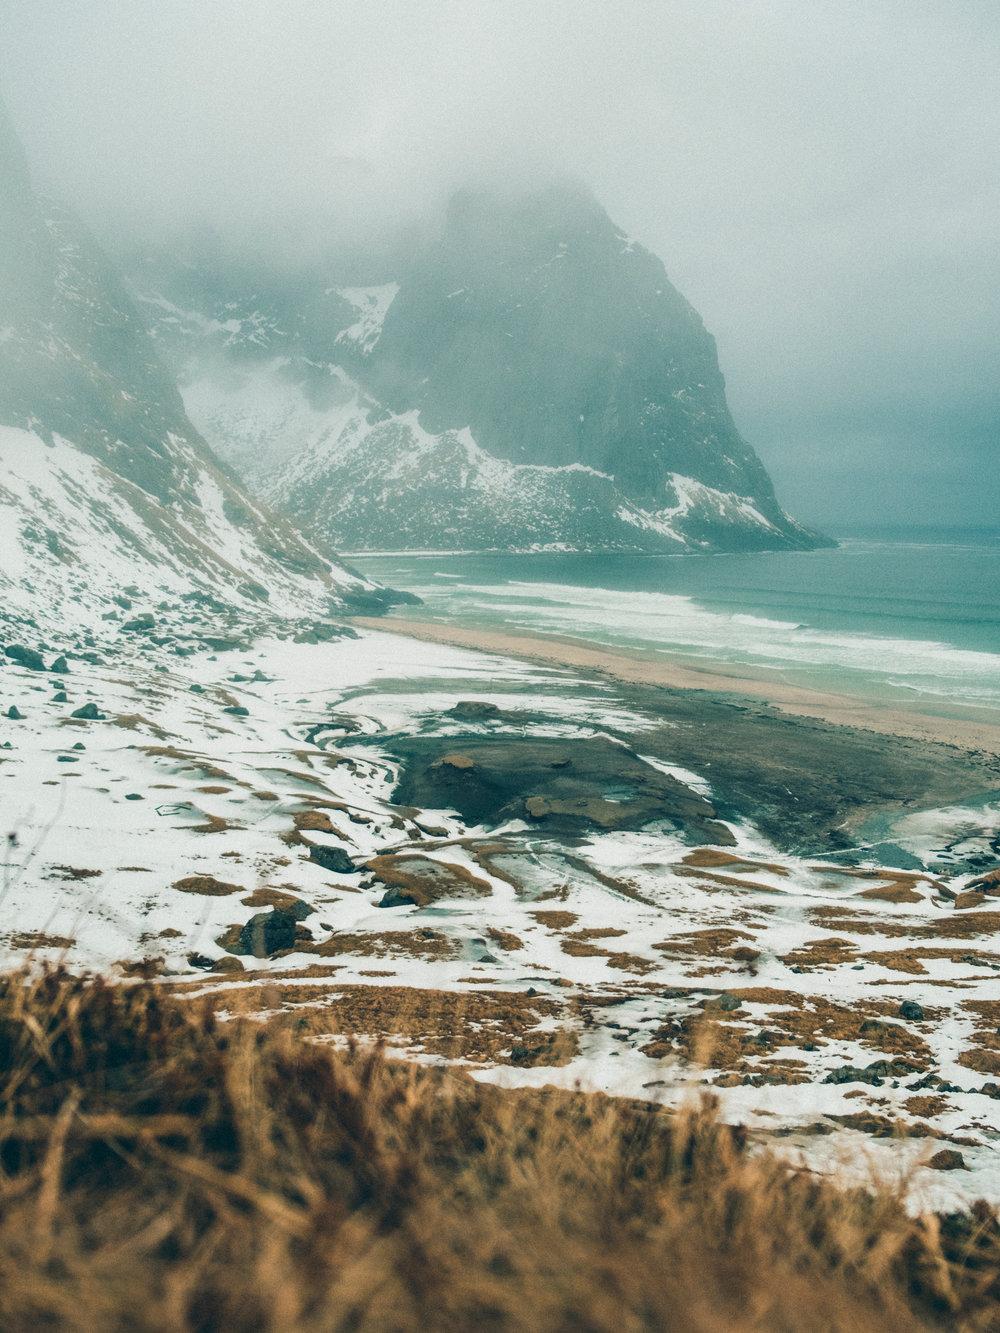 kvalvika-beach-lofoten-norway